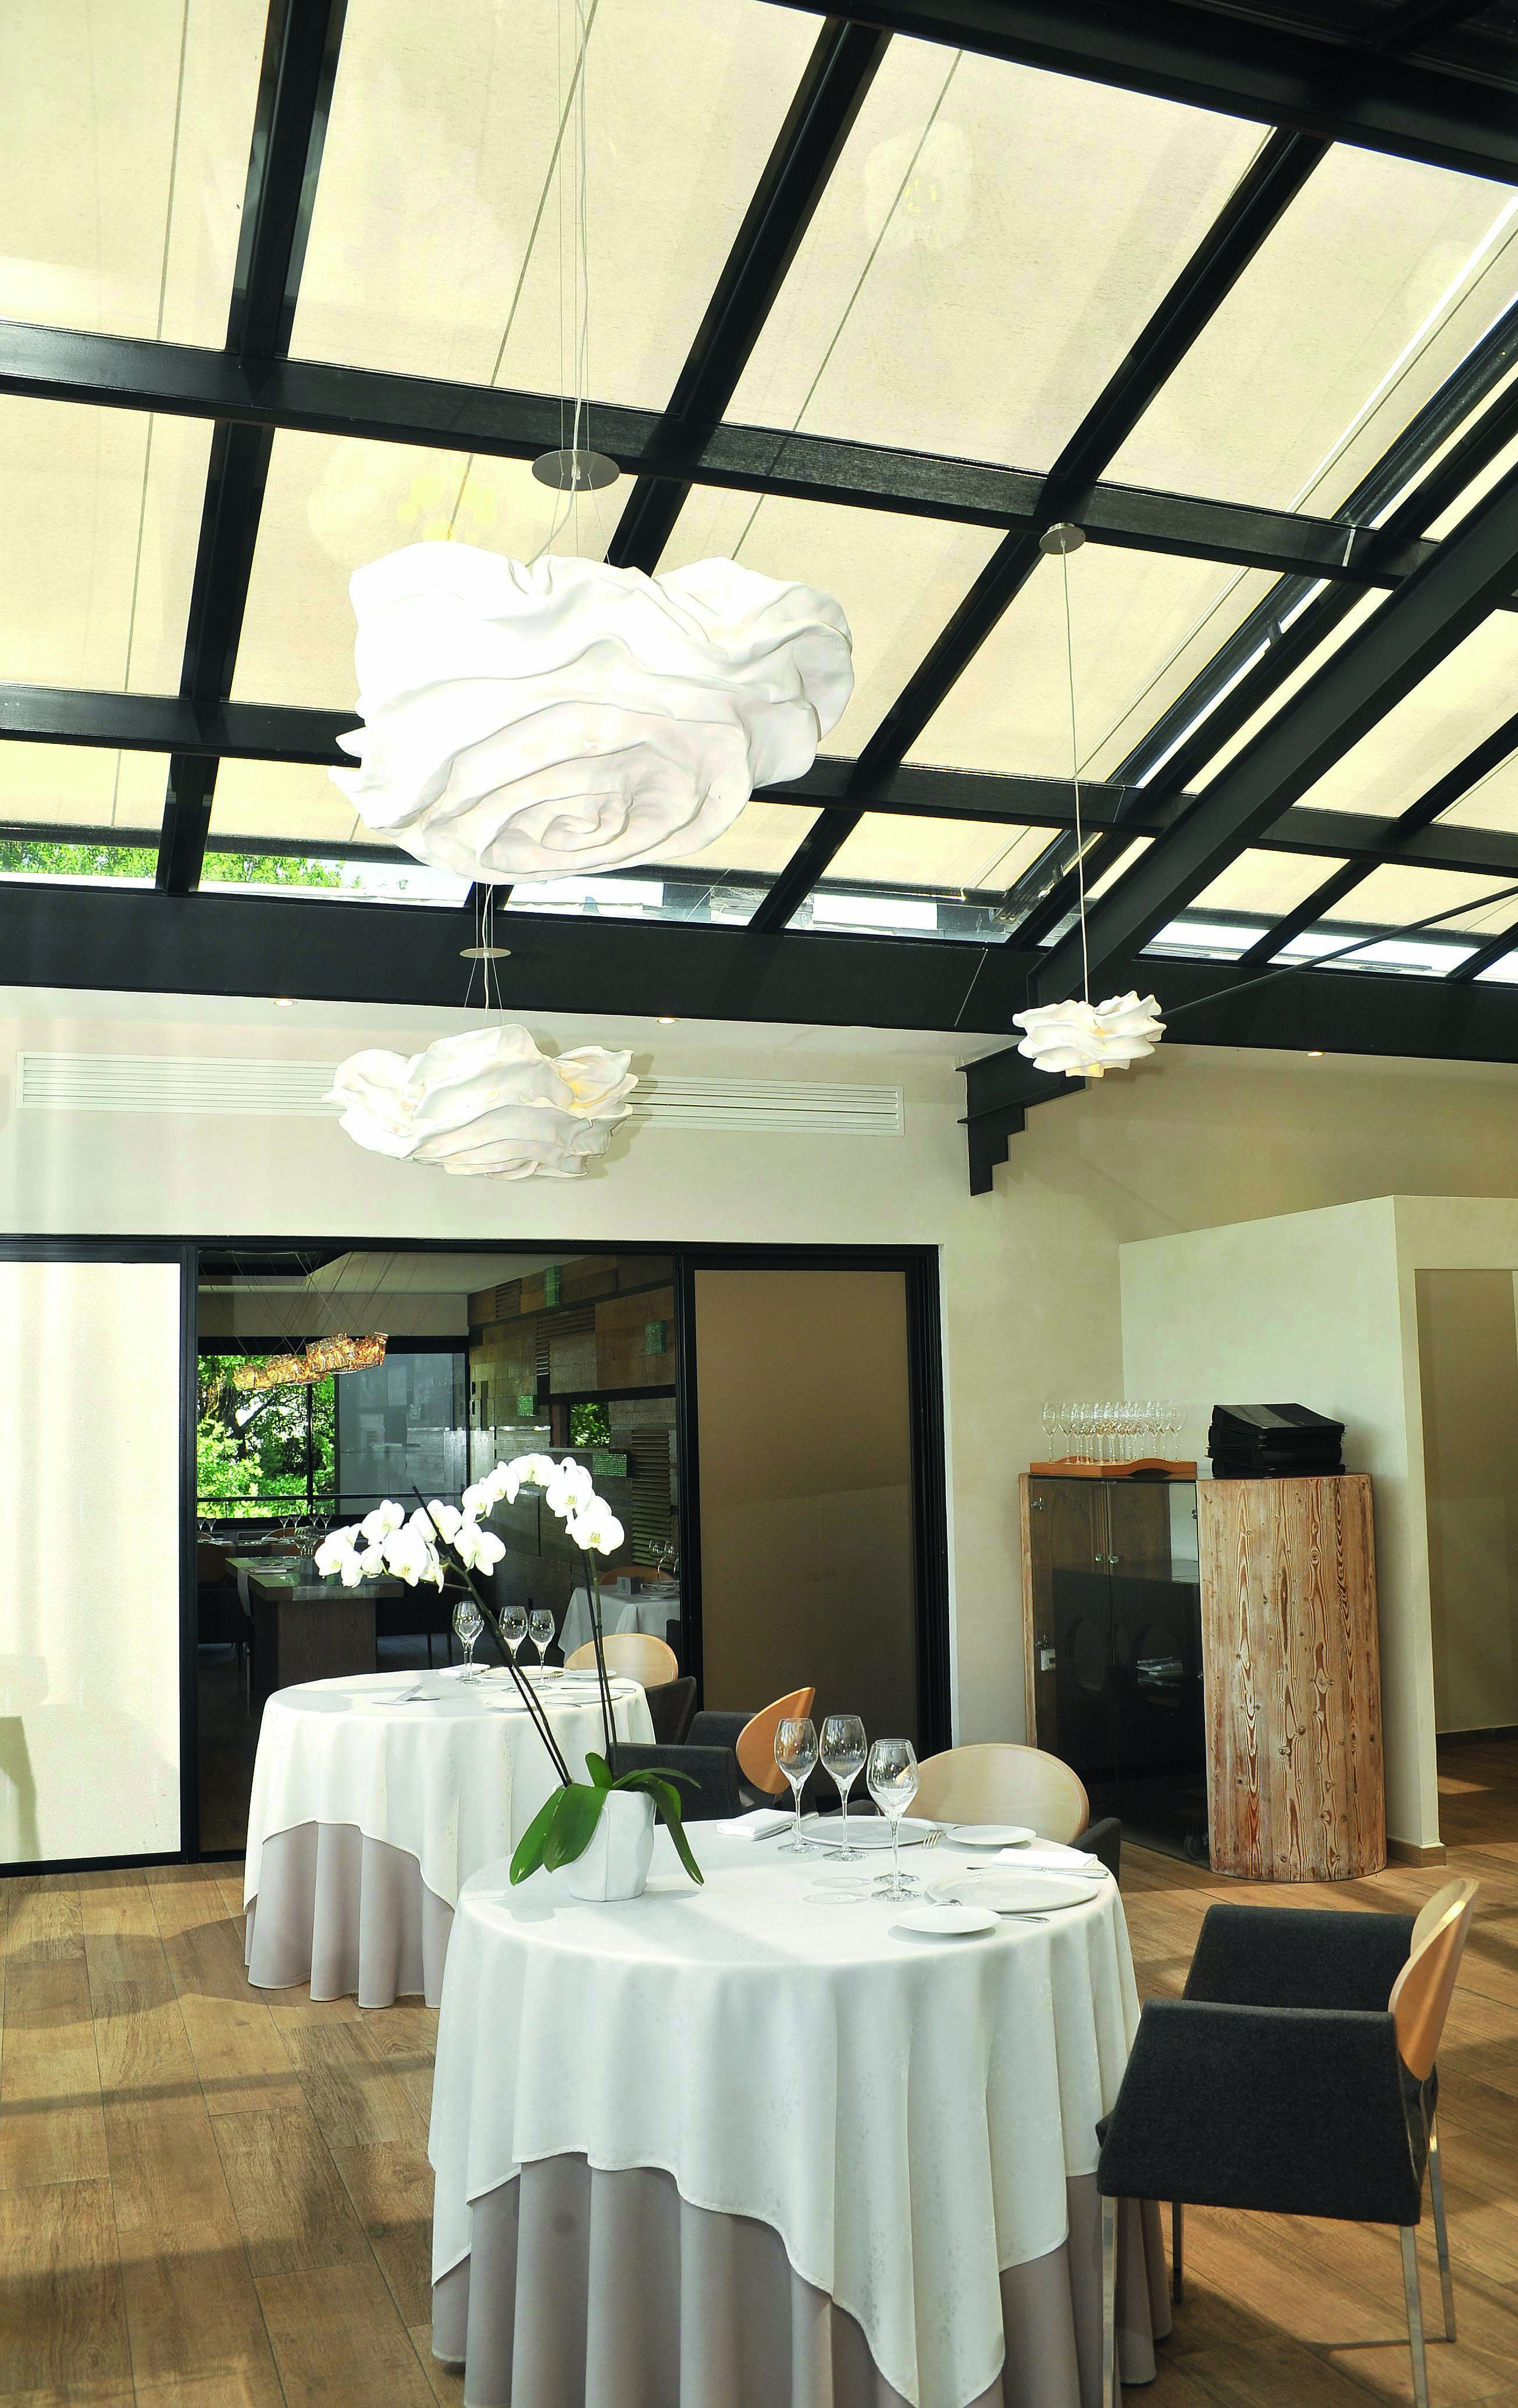 Installer des stores de véranda dans un restaurant étoilé. La solution idéale pour renforcer le ...